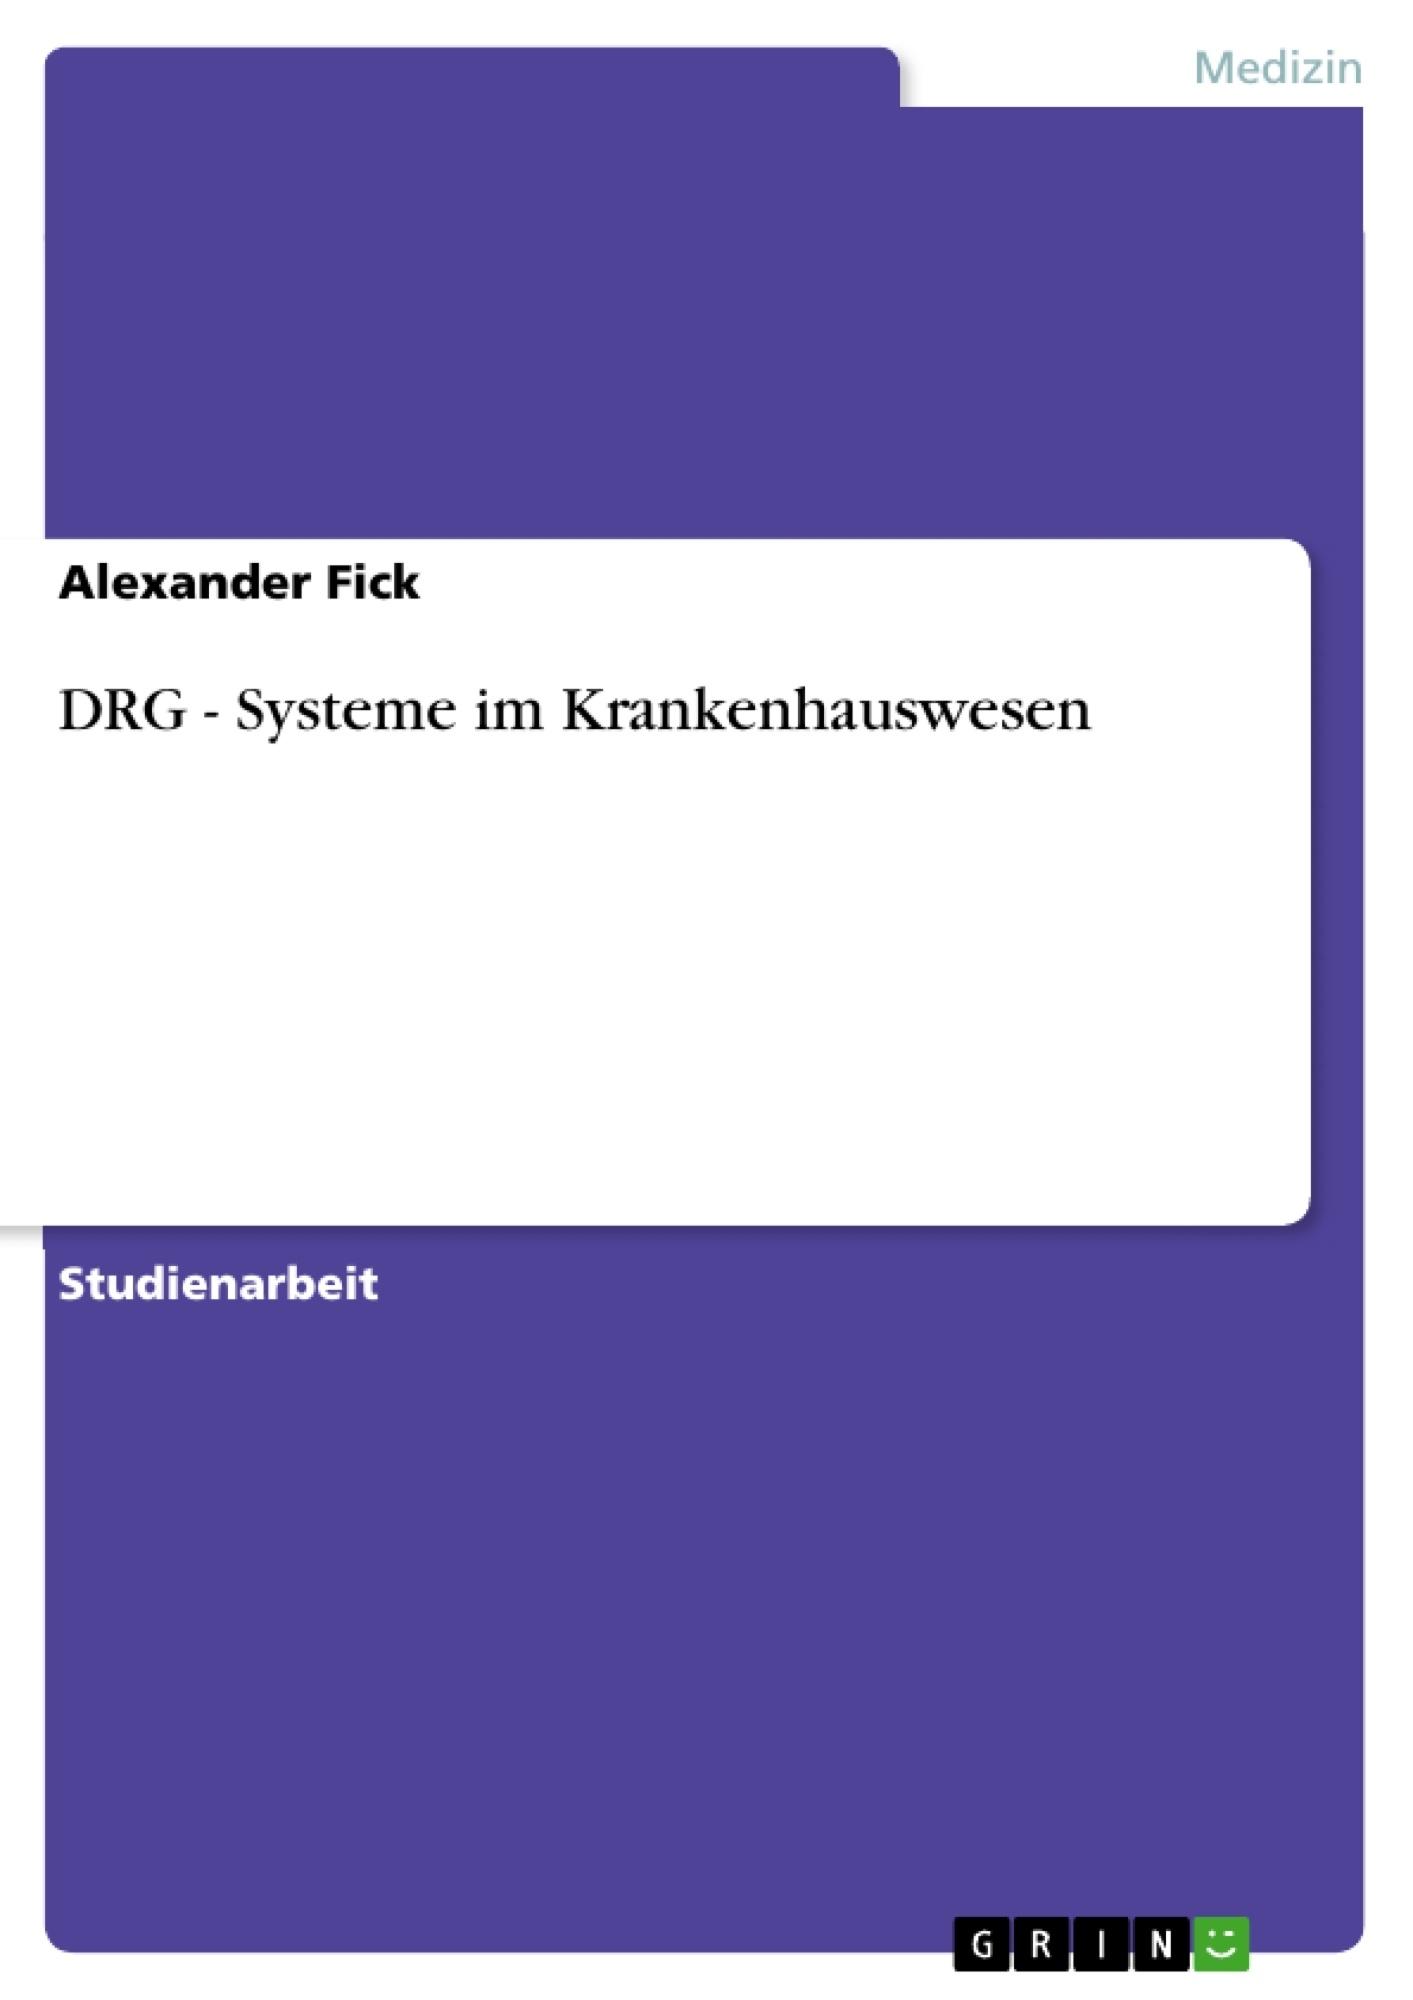 Titel: DRG - Systeme im Krankenhauswesen